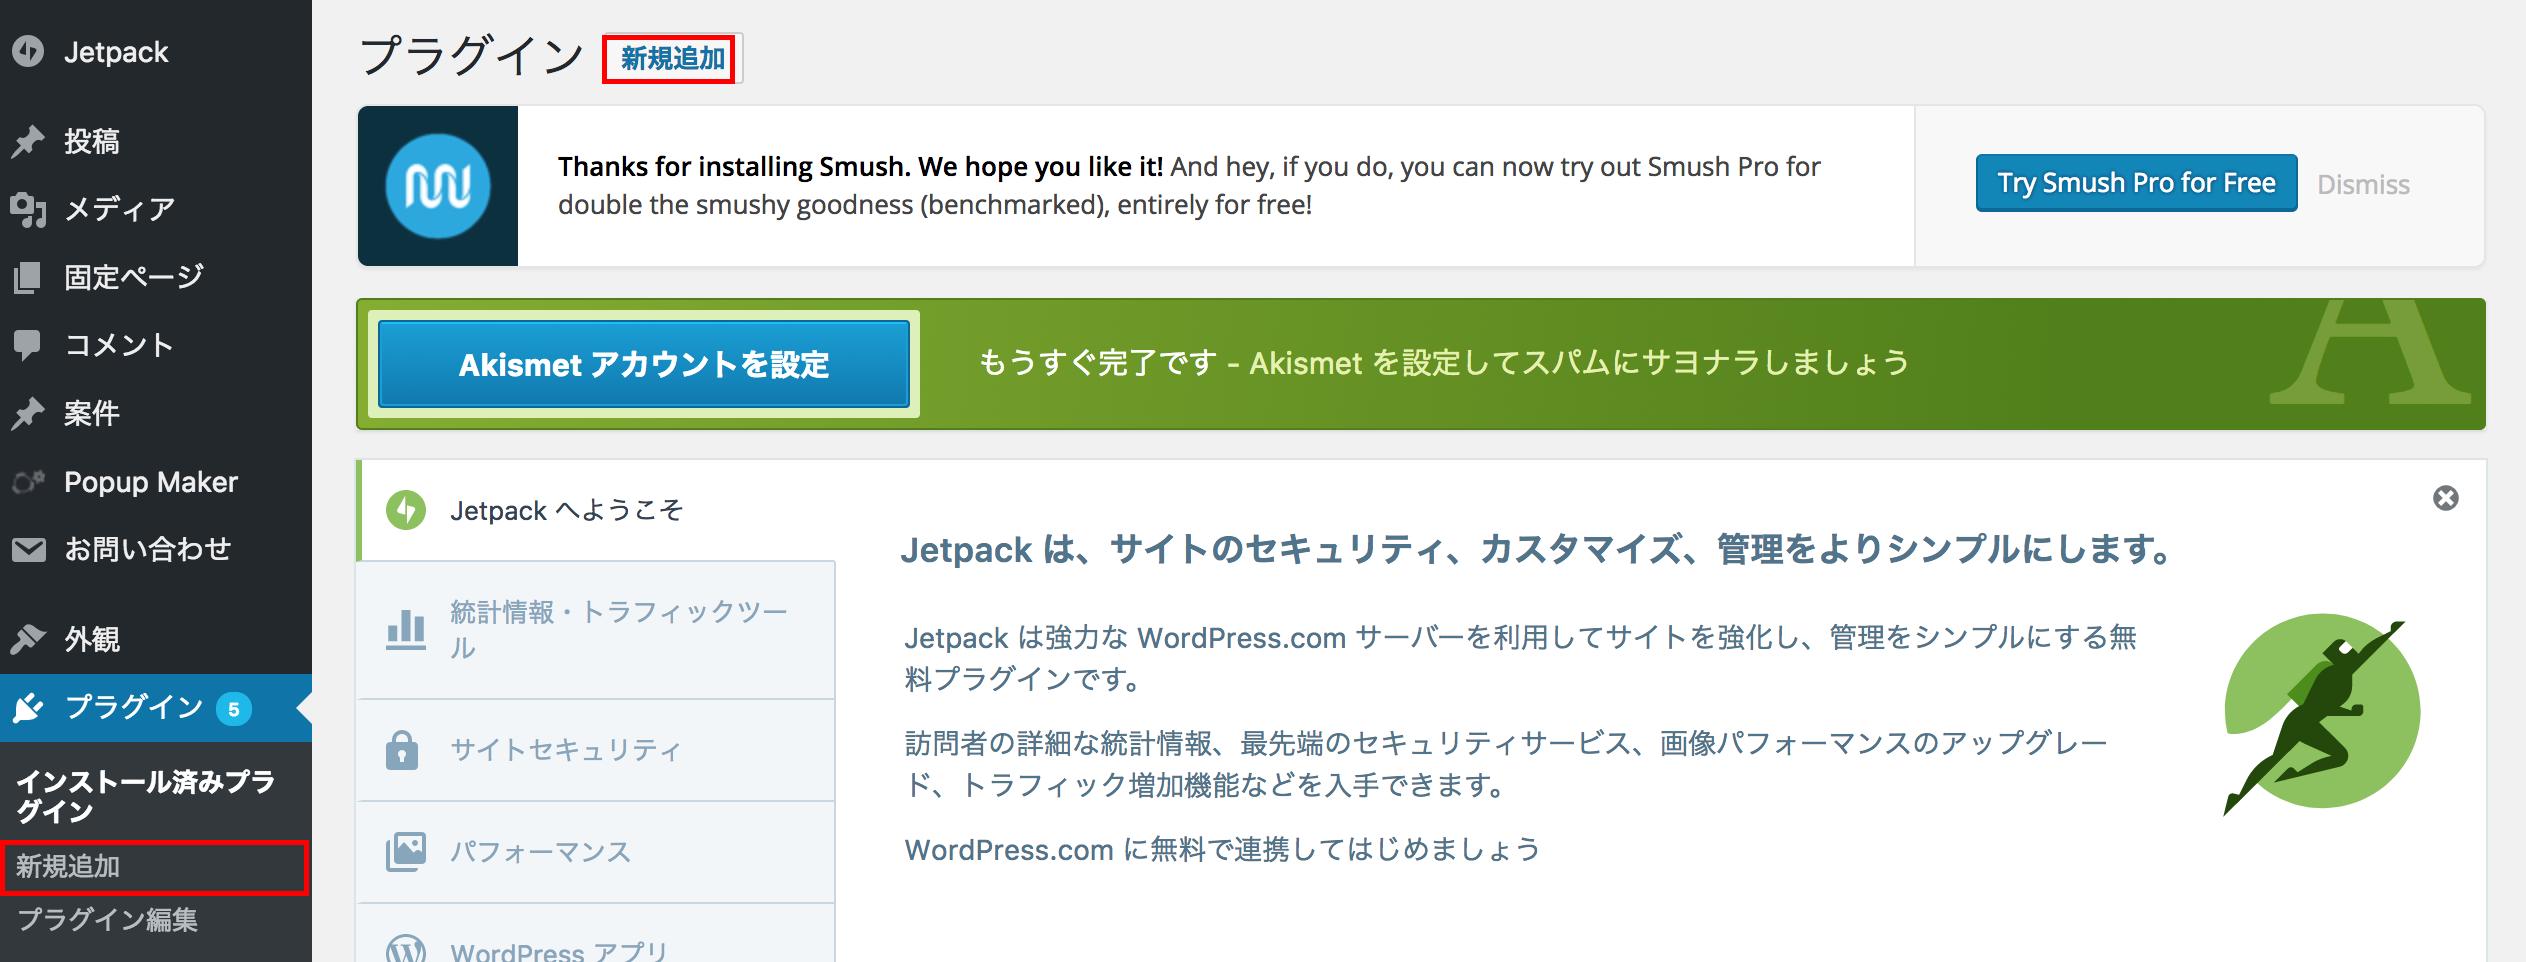 retated post plugin demo screen shot